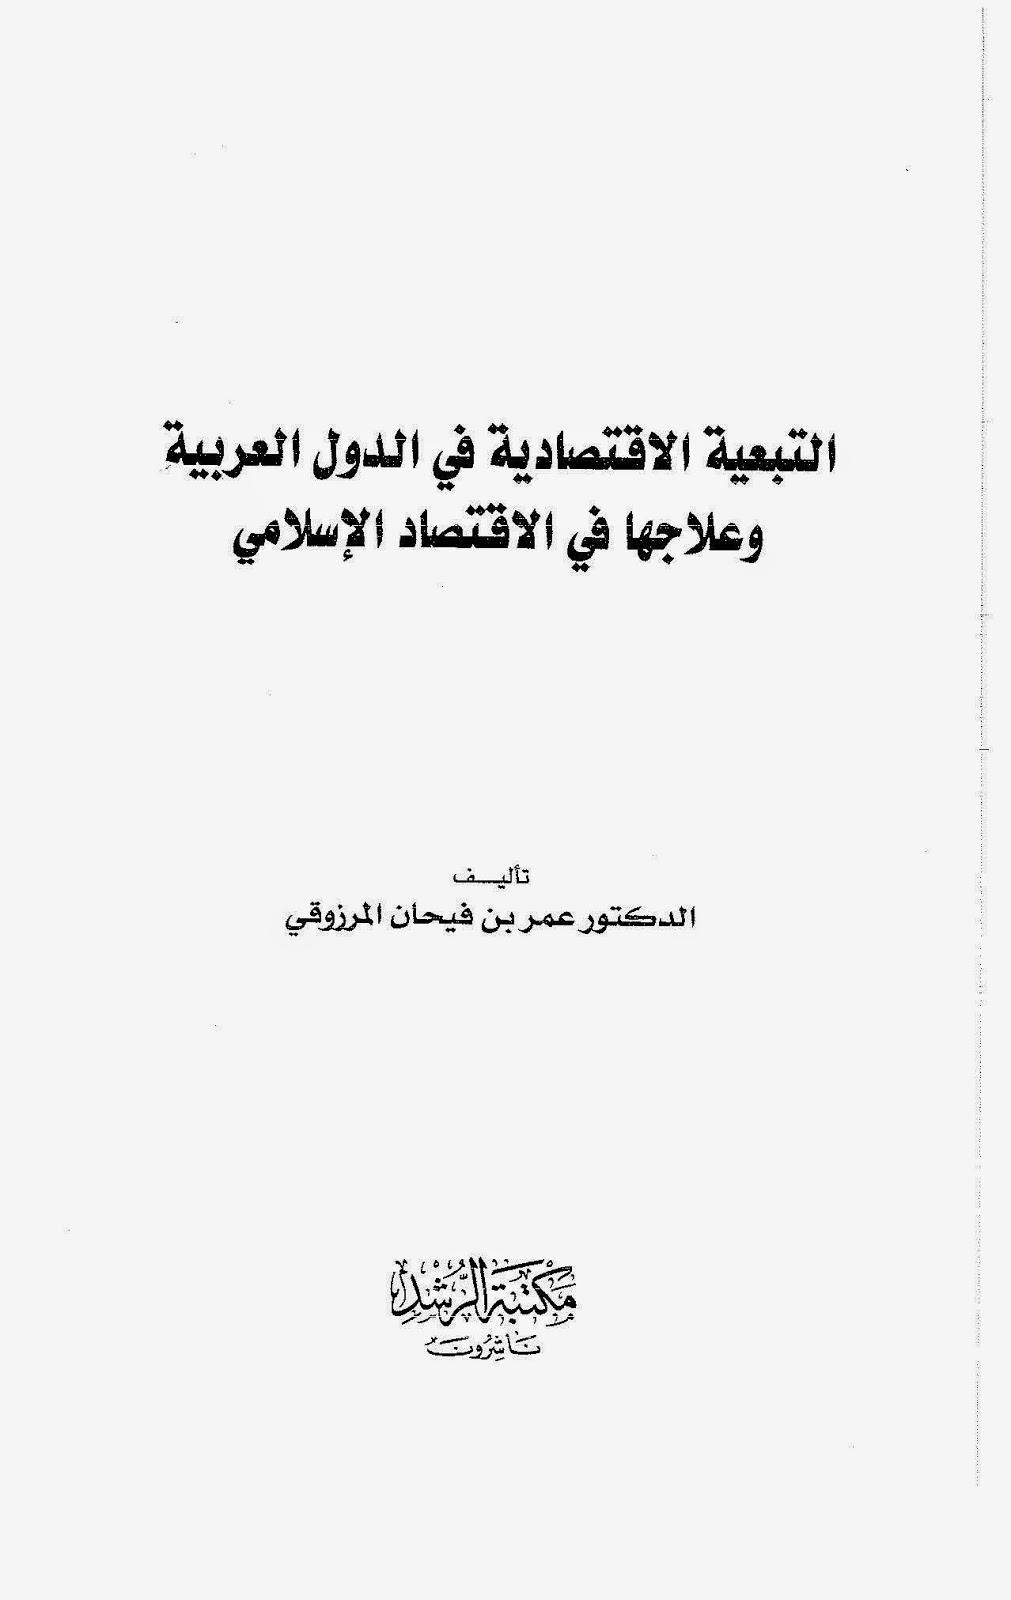 التبعية الاقتصادية في الدول العربية وعلاجها في الاقتصاد الإسلامي - عمر المرزوقي